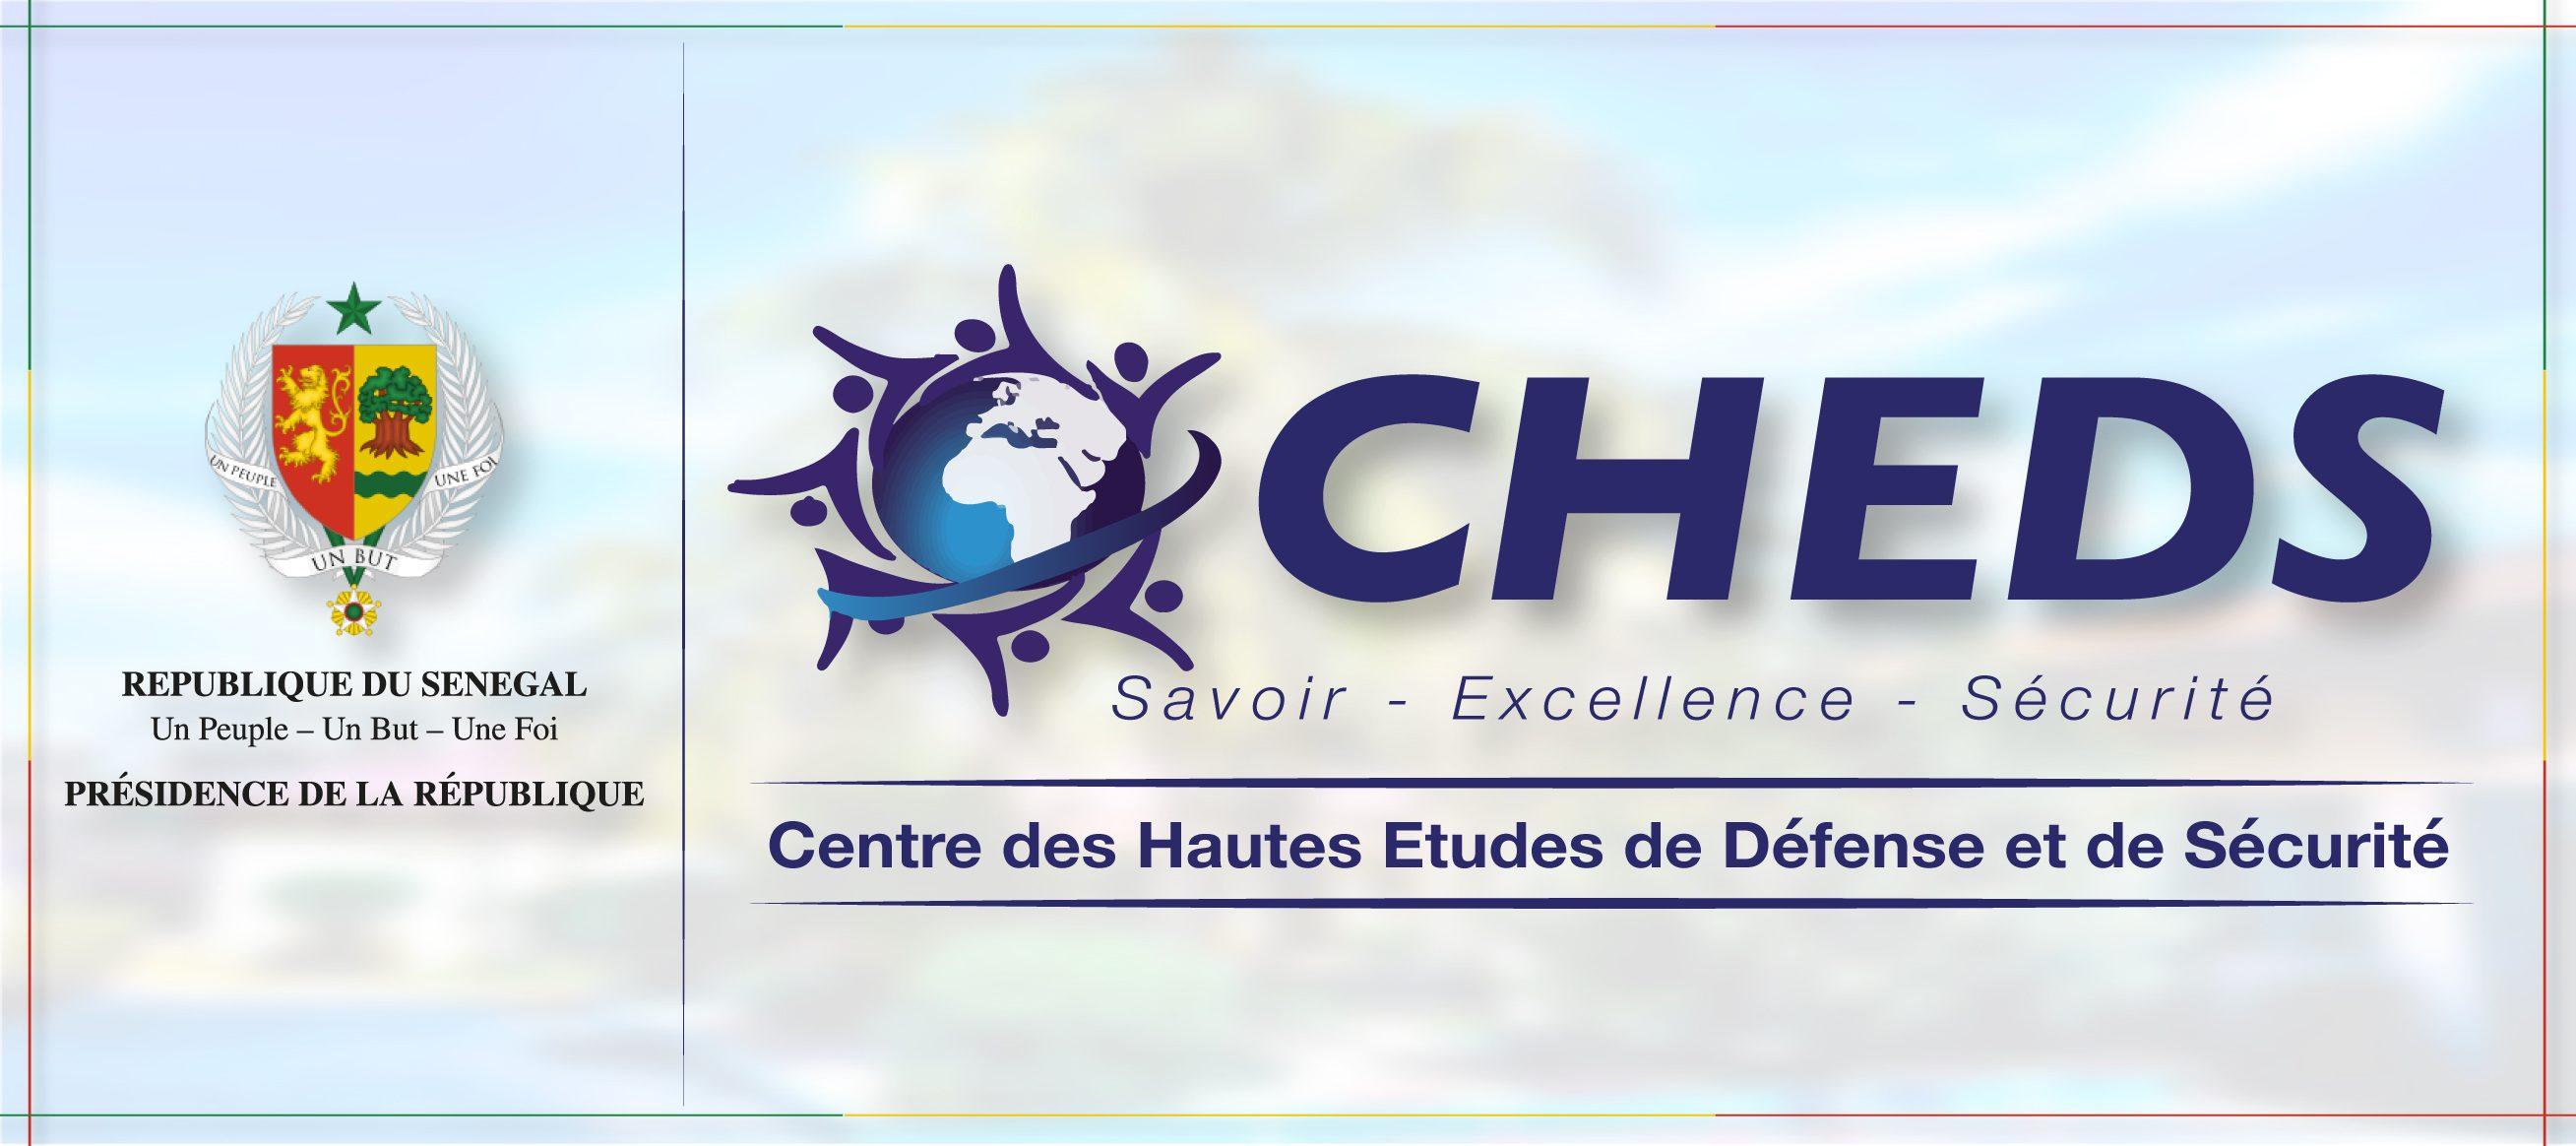 CENTRE DES HAUTES ÉTUDES DE DÉFENSE ET DE SÉCURITÉ